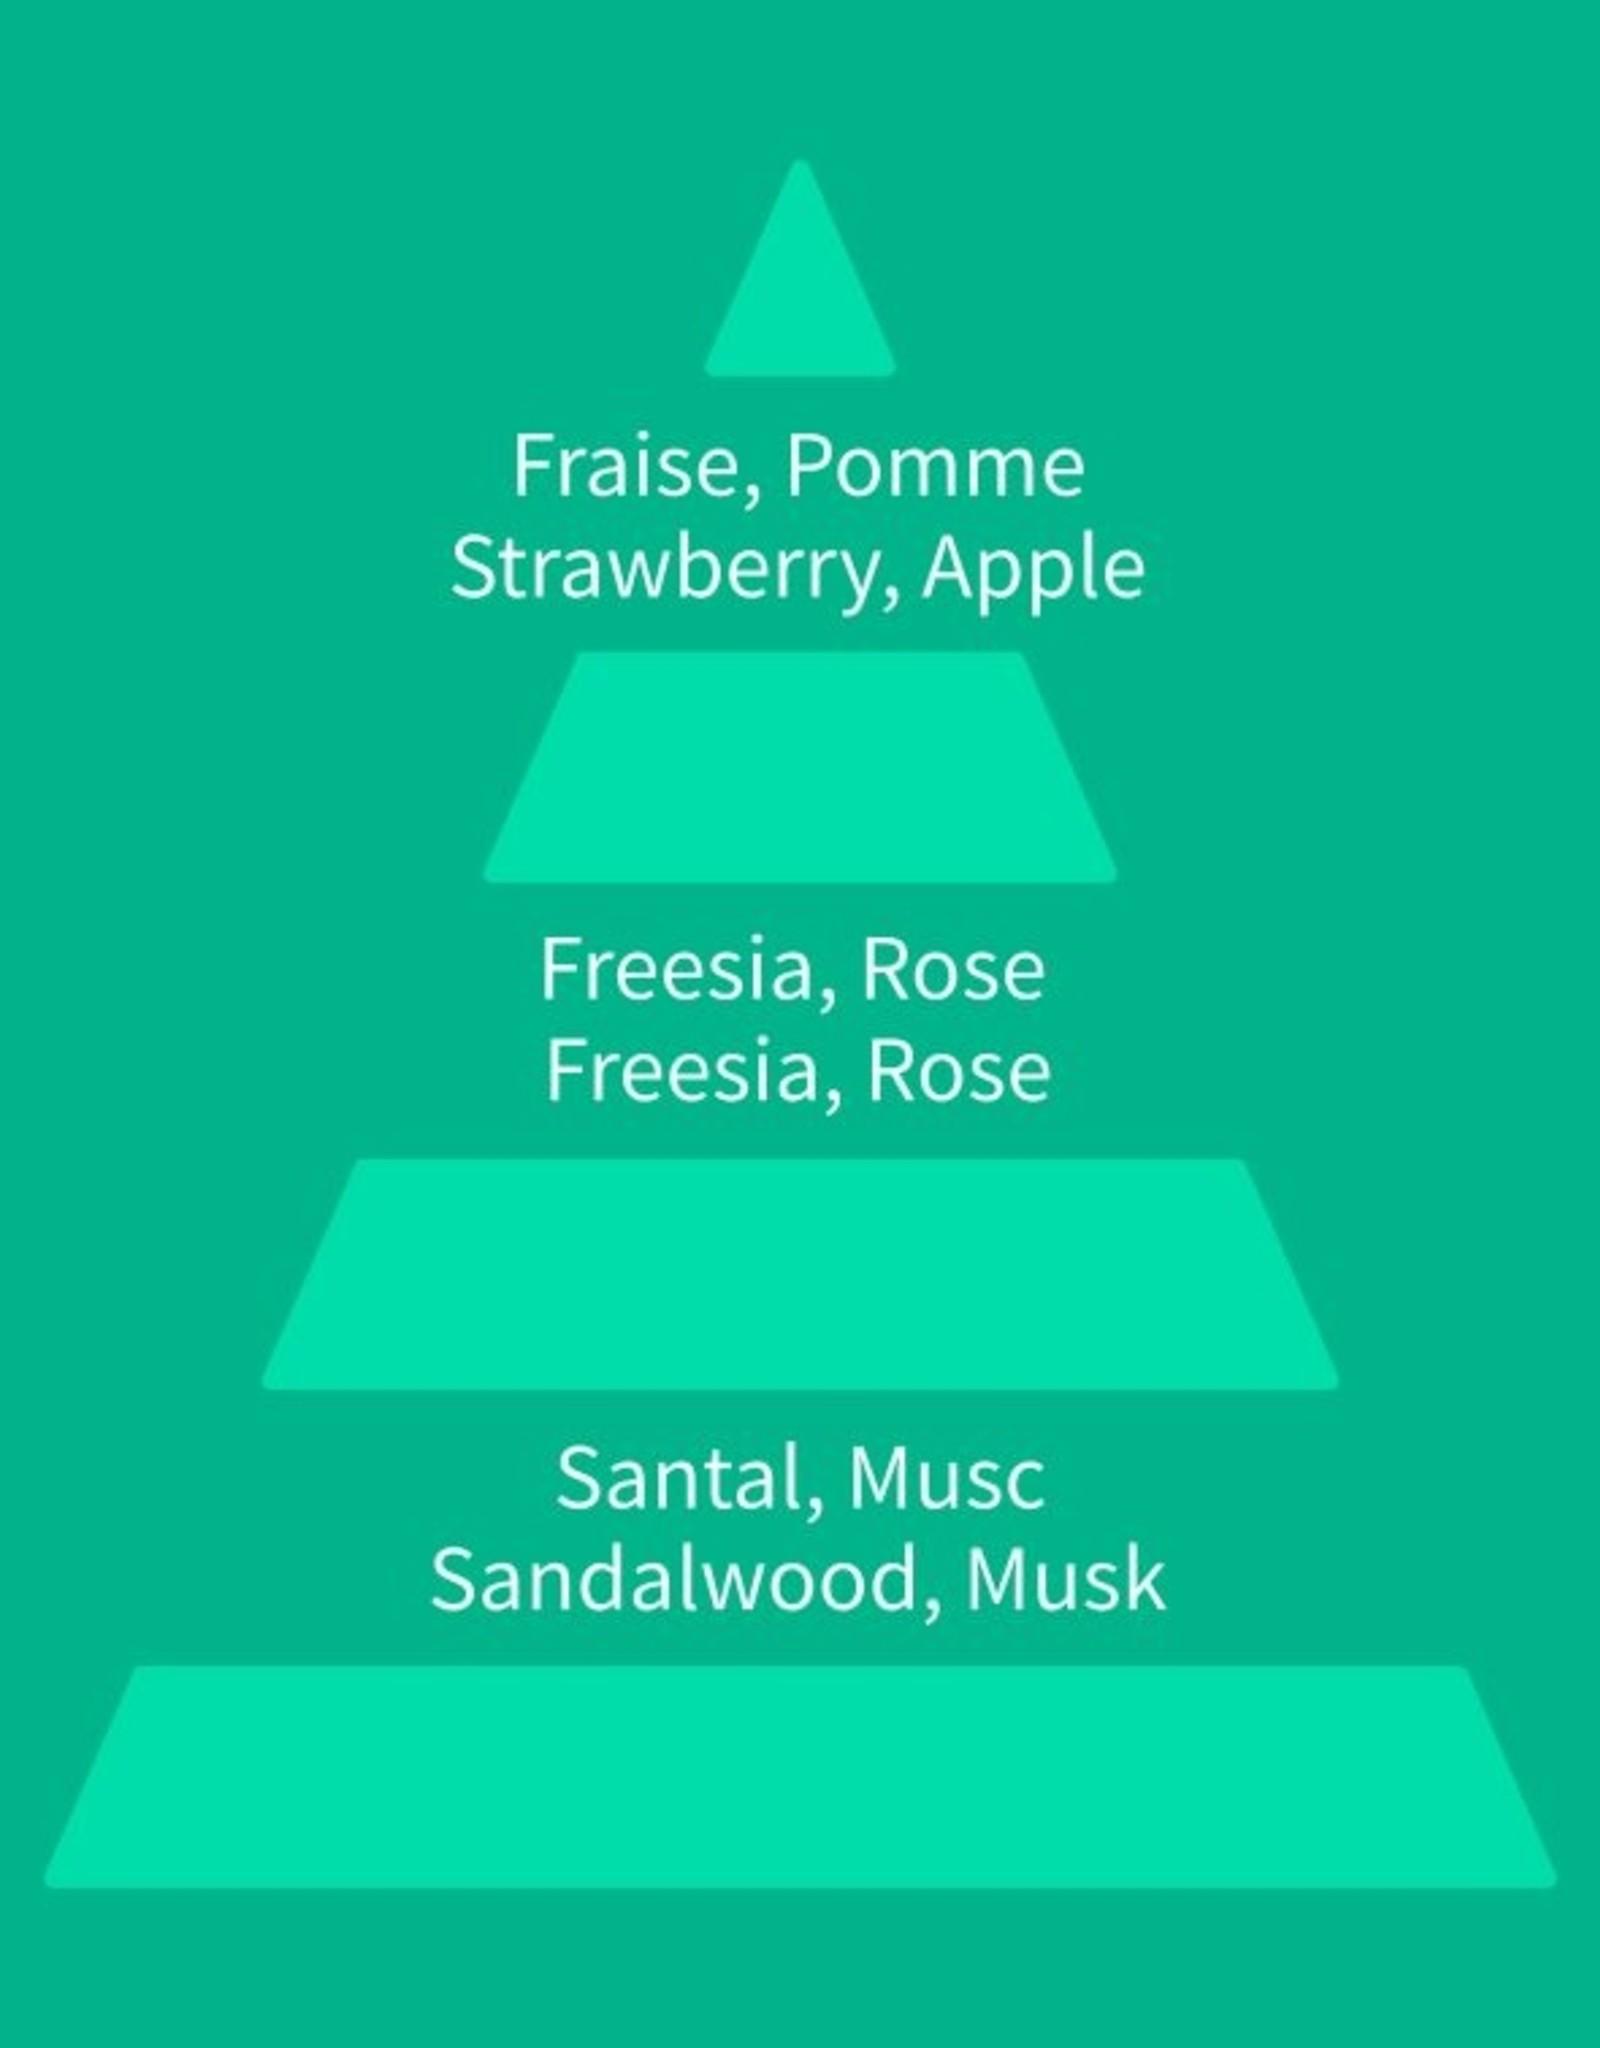 Equivalenza Eau de Toilette Fruity Tropical Sweet 128